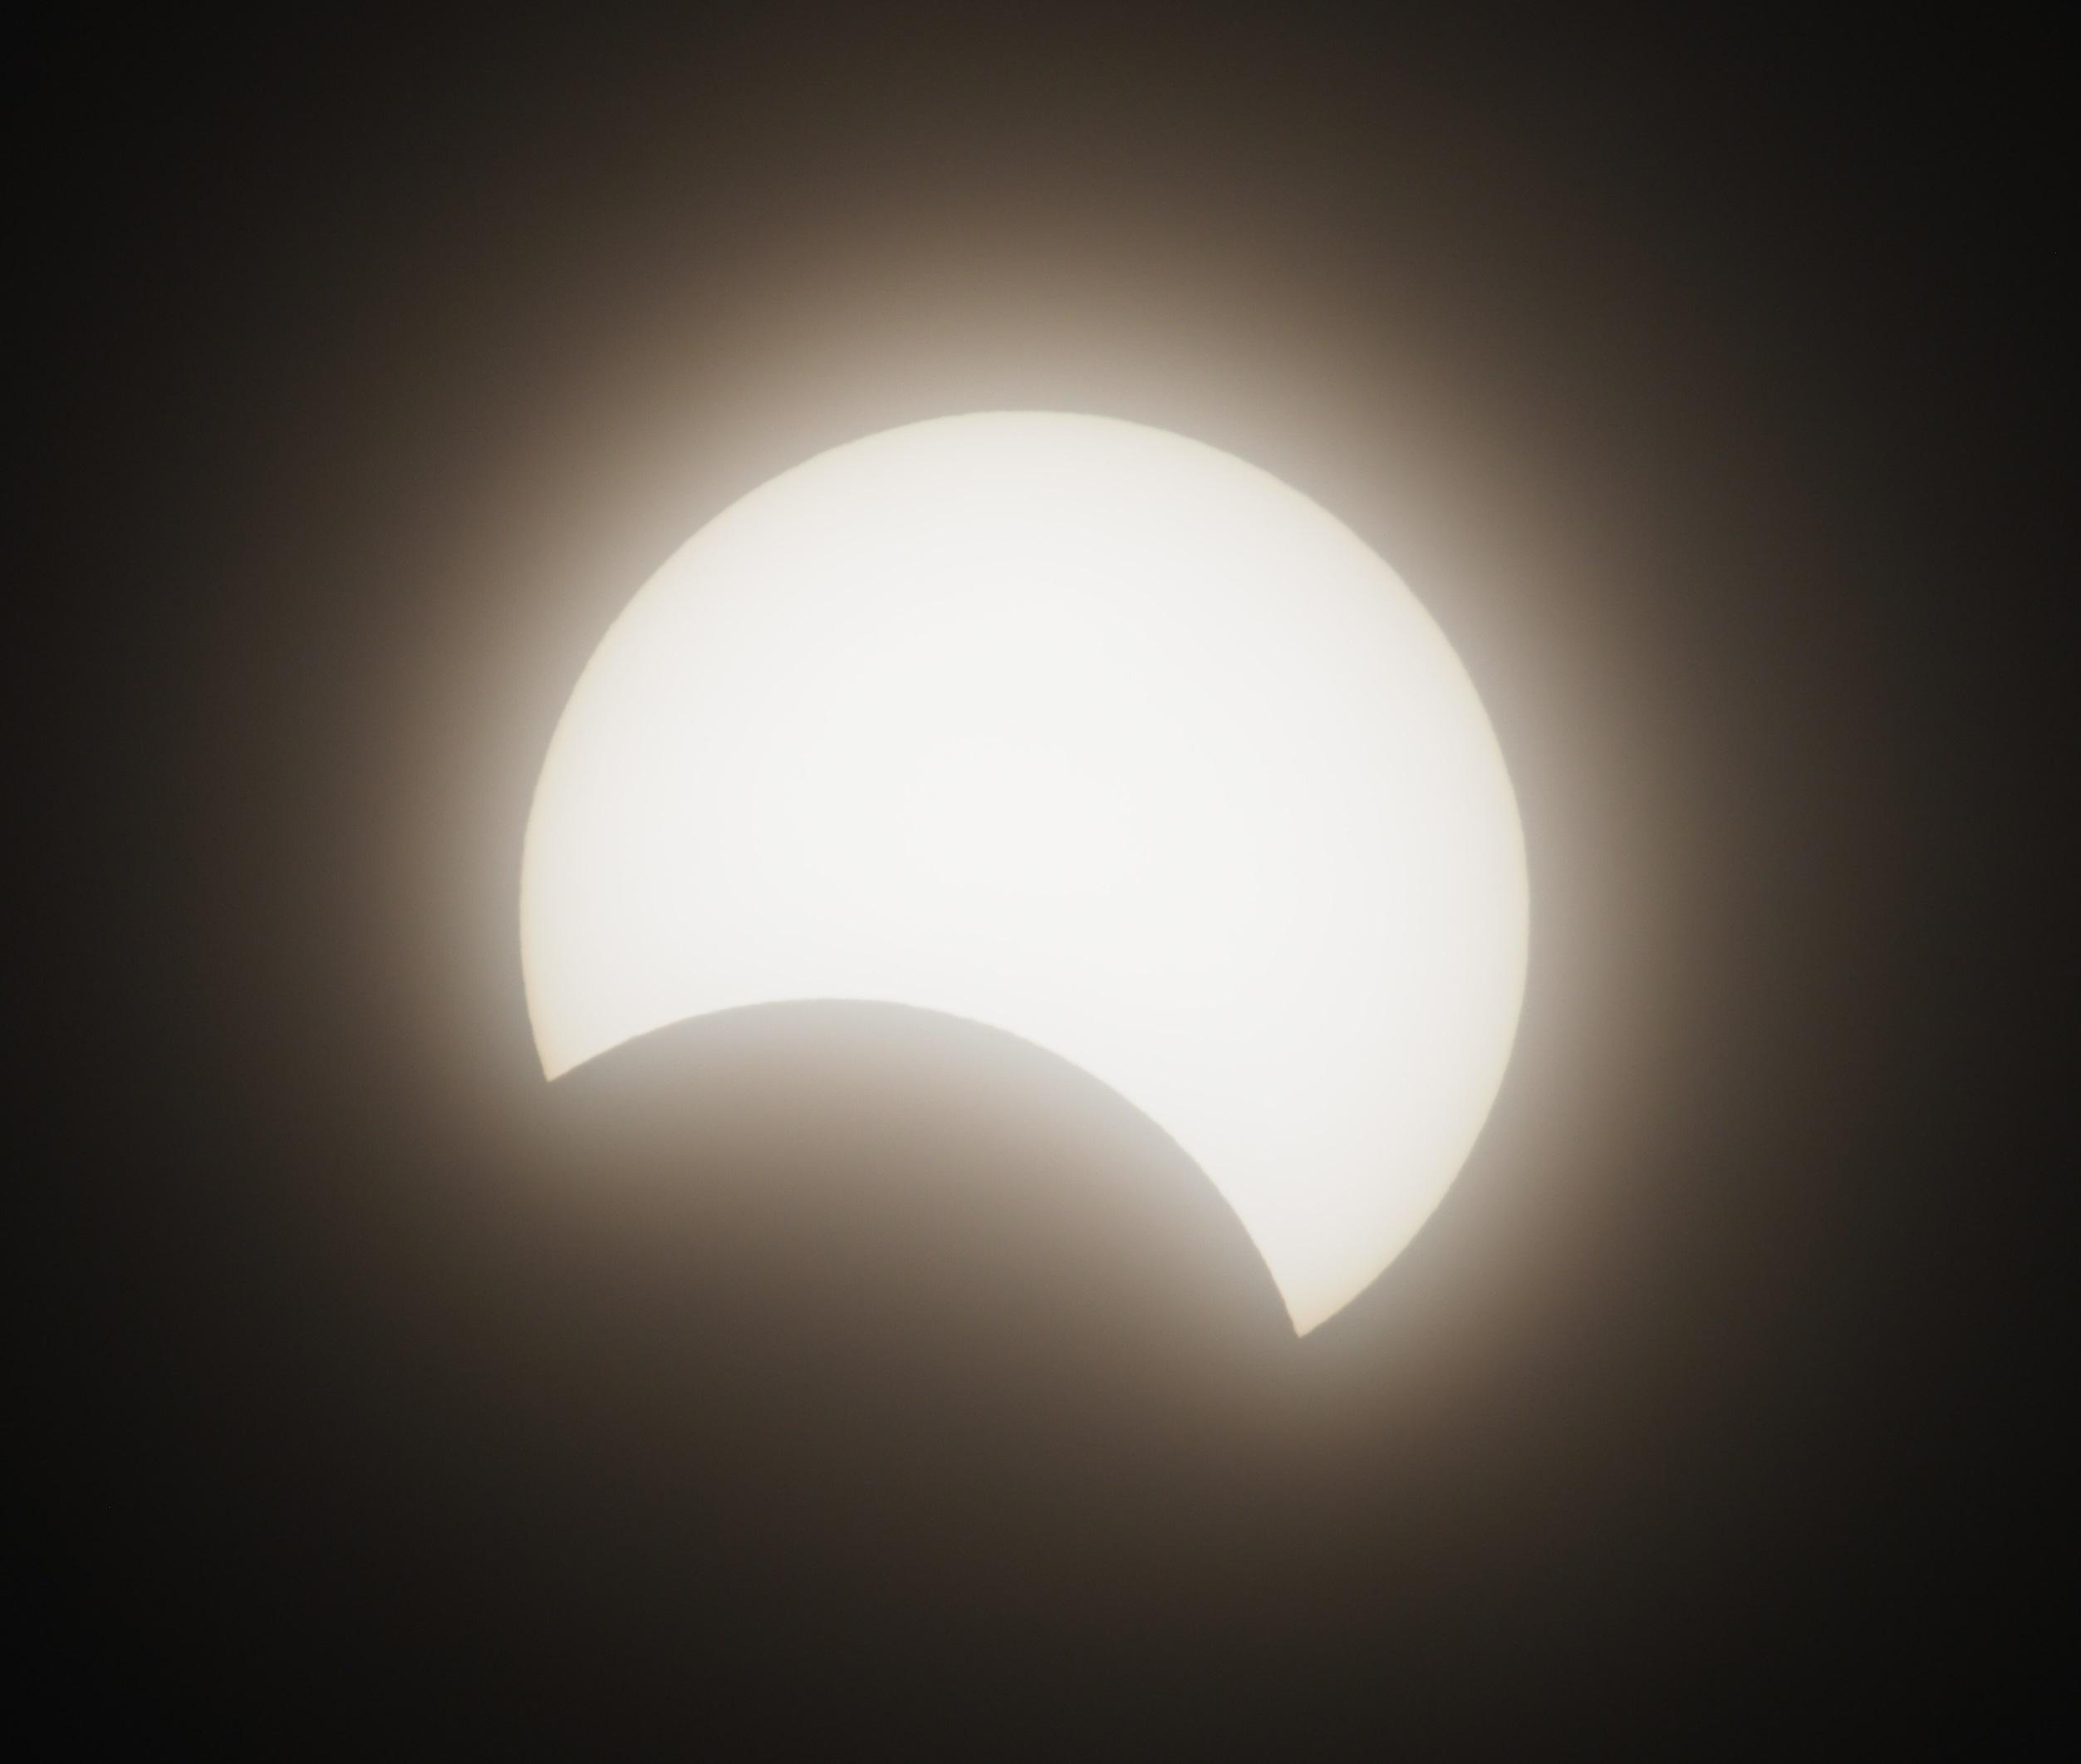 部分日食_e0344621_17300141.jpg